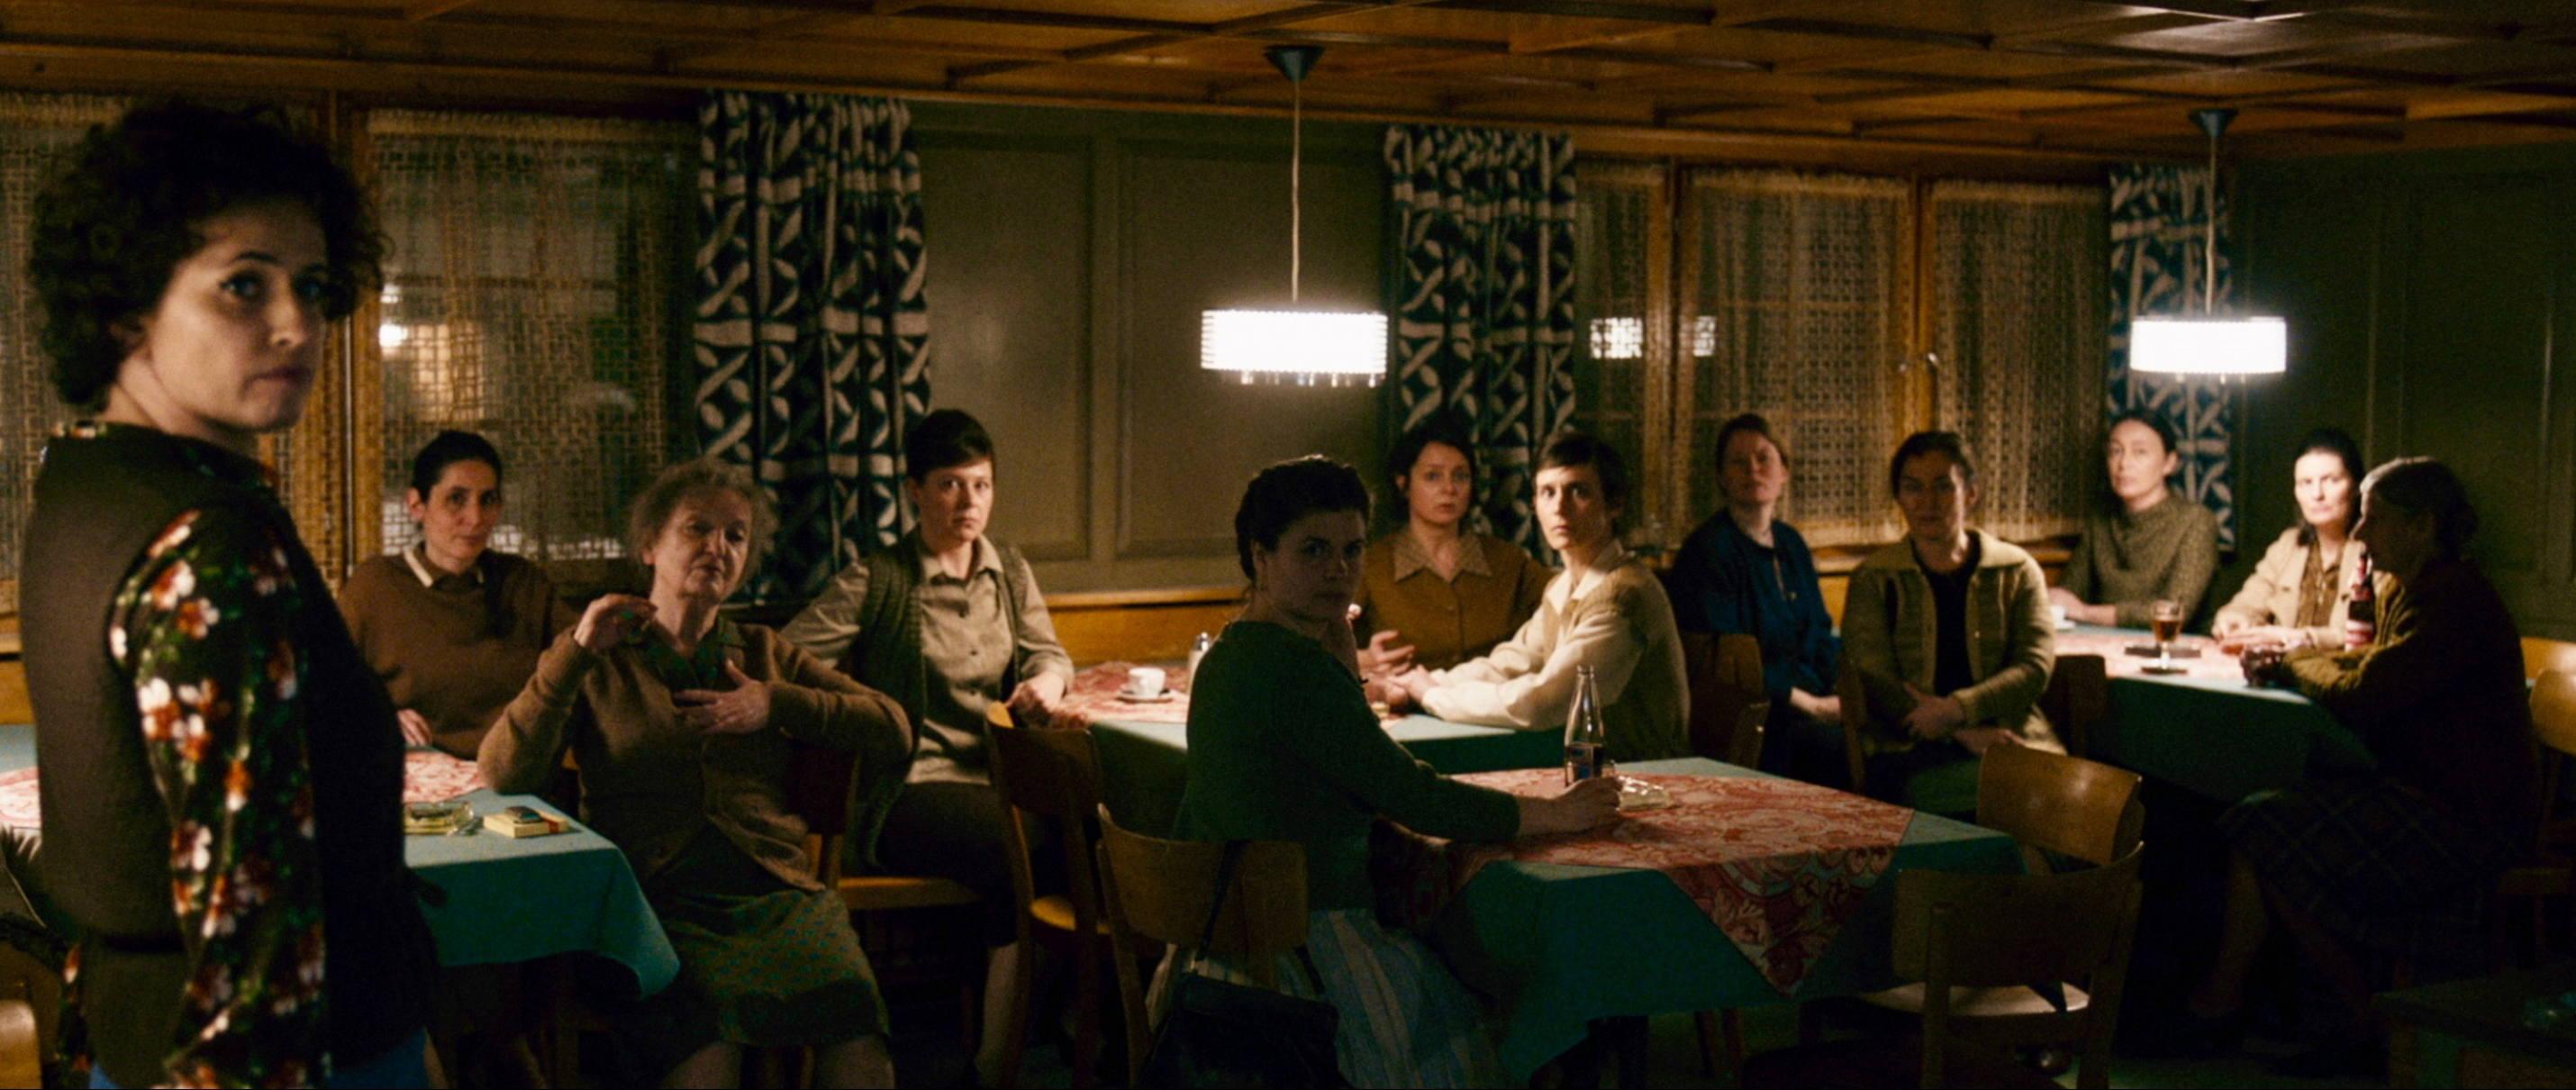 Die göttliche Ordnung - The Divine Order - Die Frauen diskutieren im Wirtshaus - Regie Petra Volpe - Kamera Judith Kaufmann